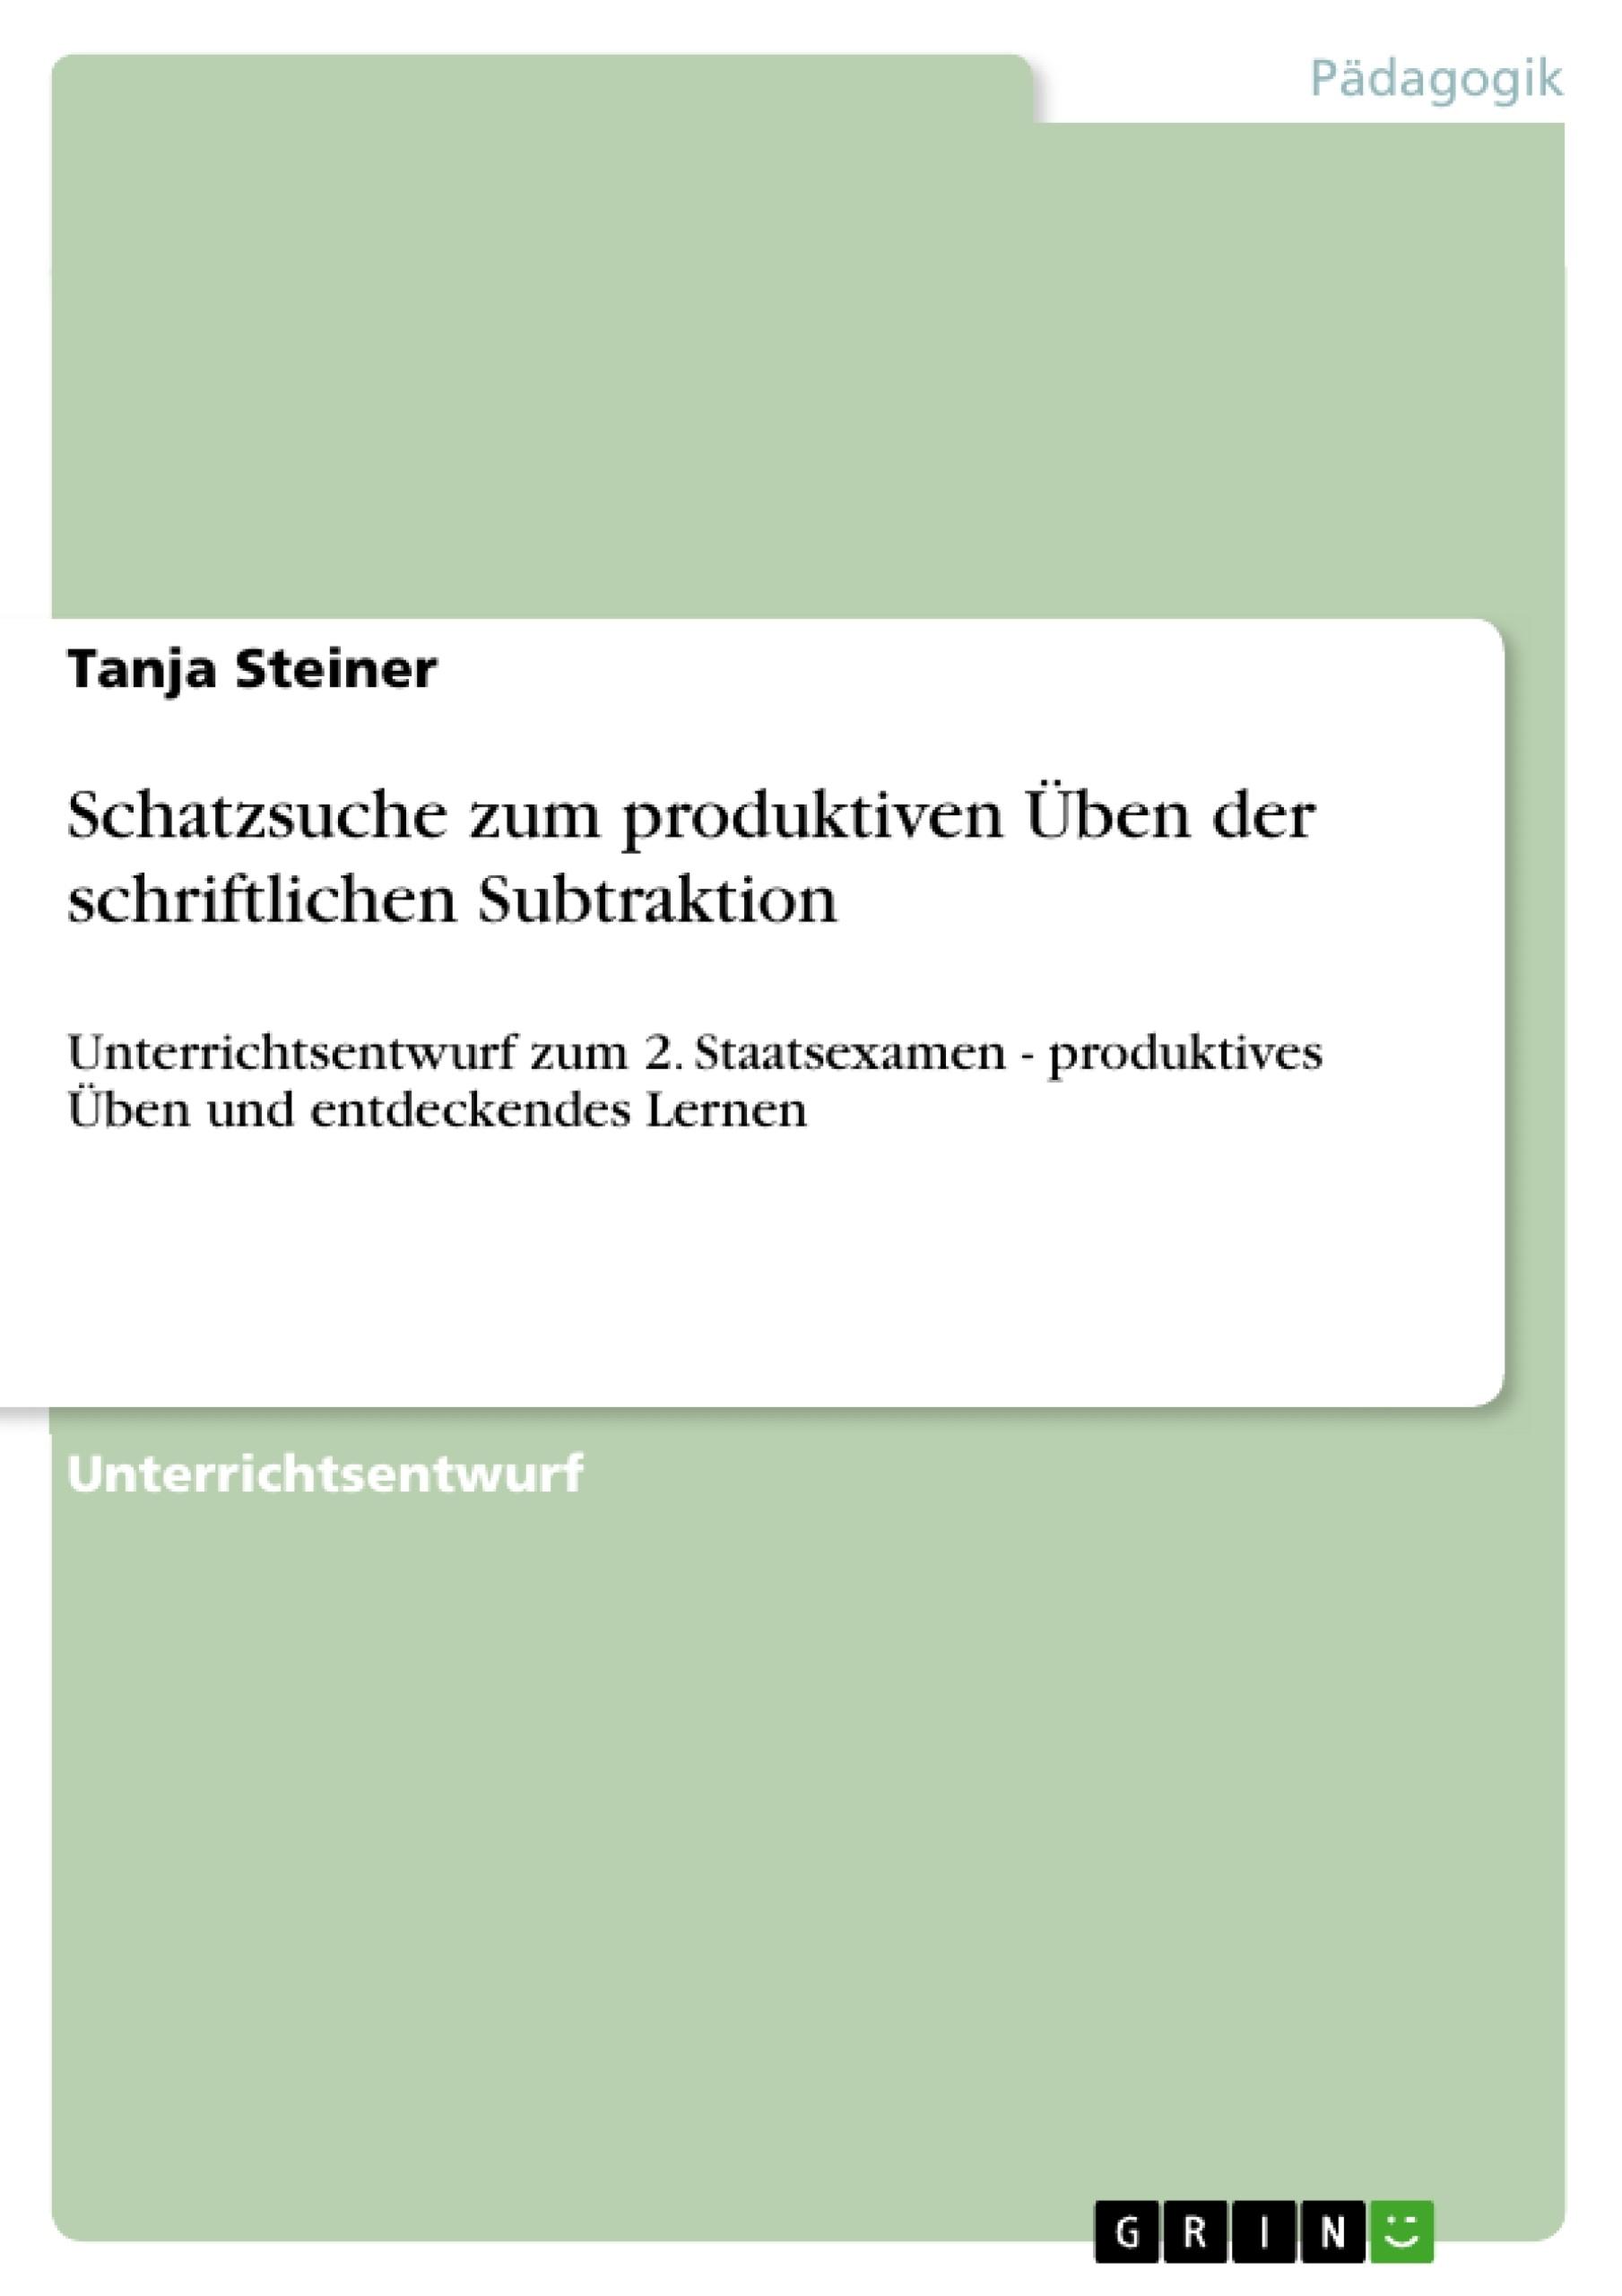 Titel: Schatzsuche zum produktiven Üben der schriftlichen Subtraktion